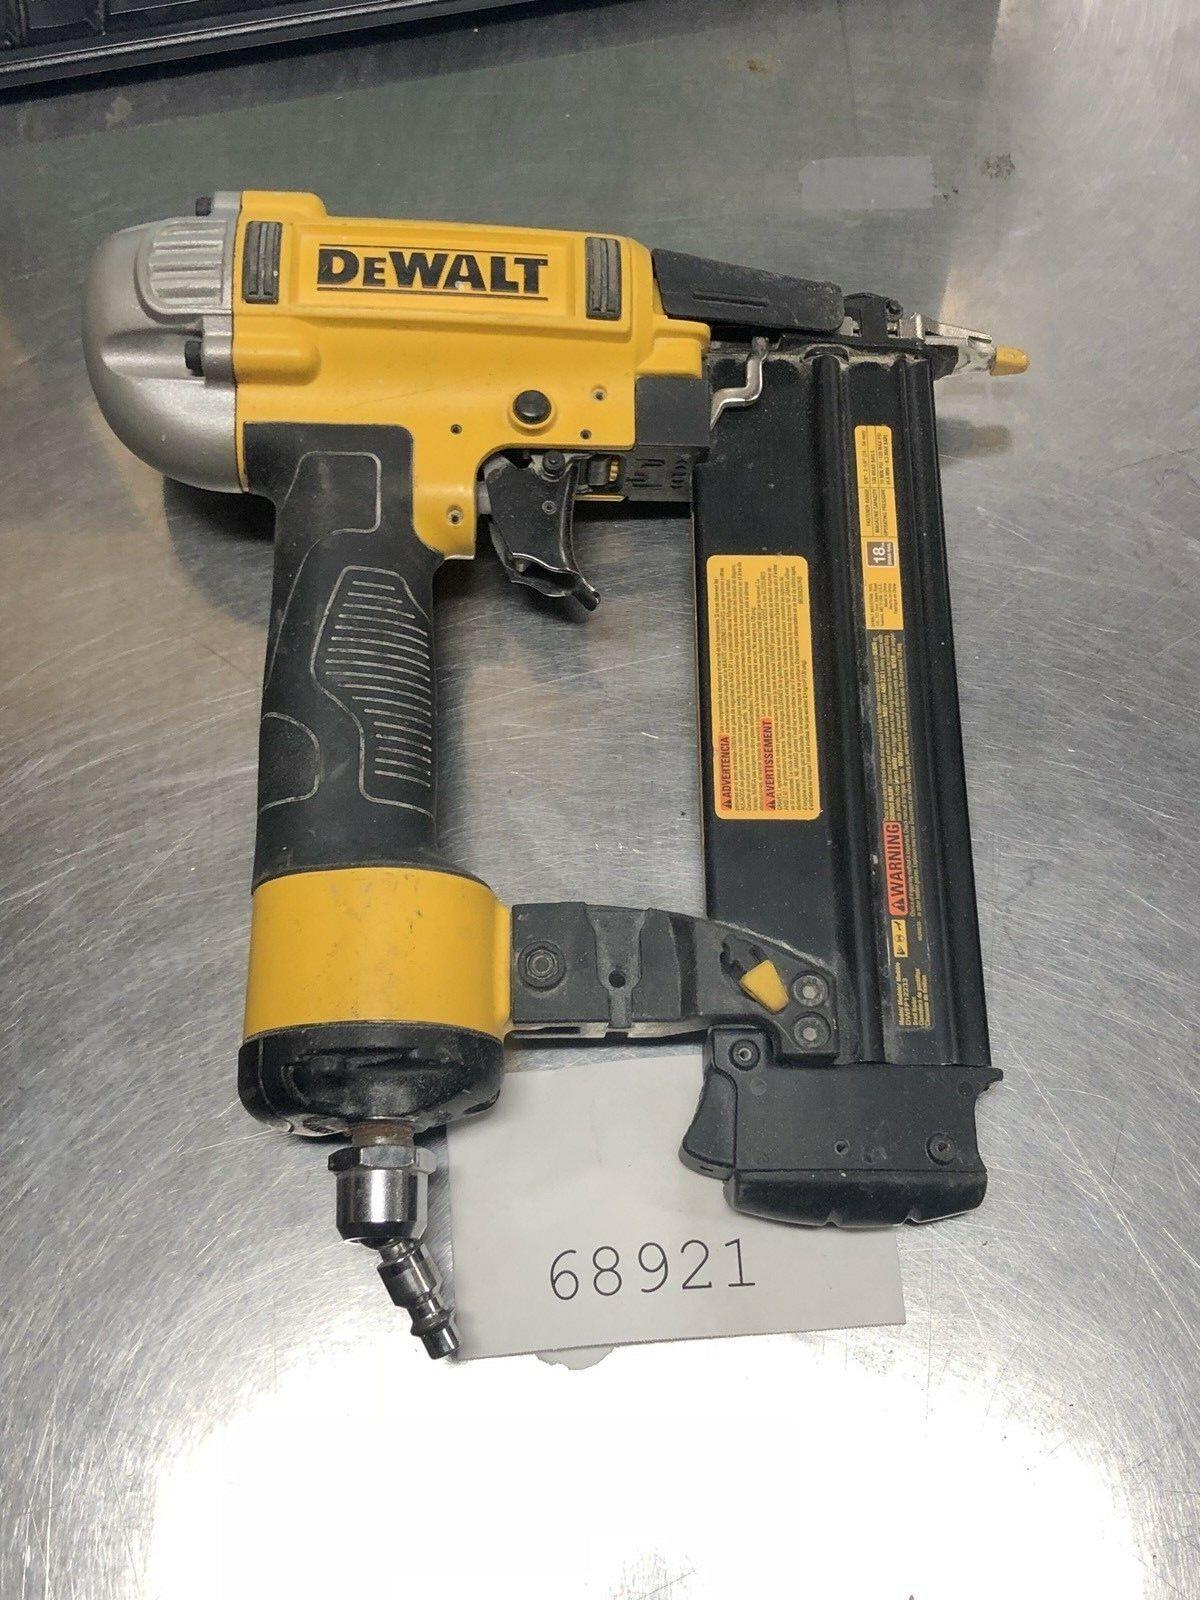 DEWALT Precision Point 18-Gauge 2-1 8 in. Brad Nailer DWFP12233